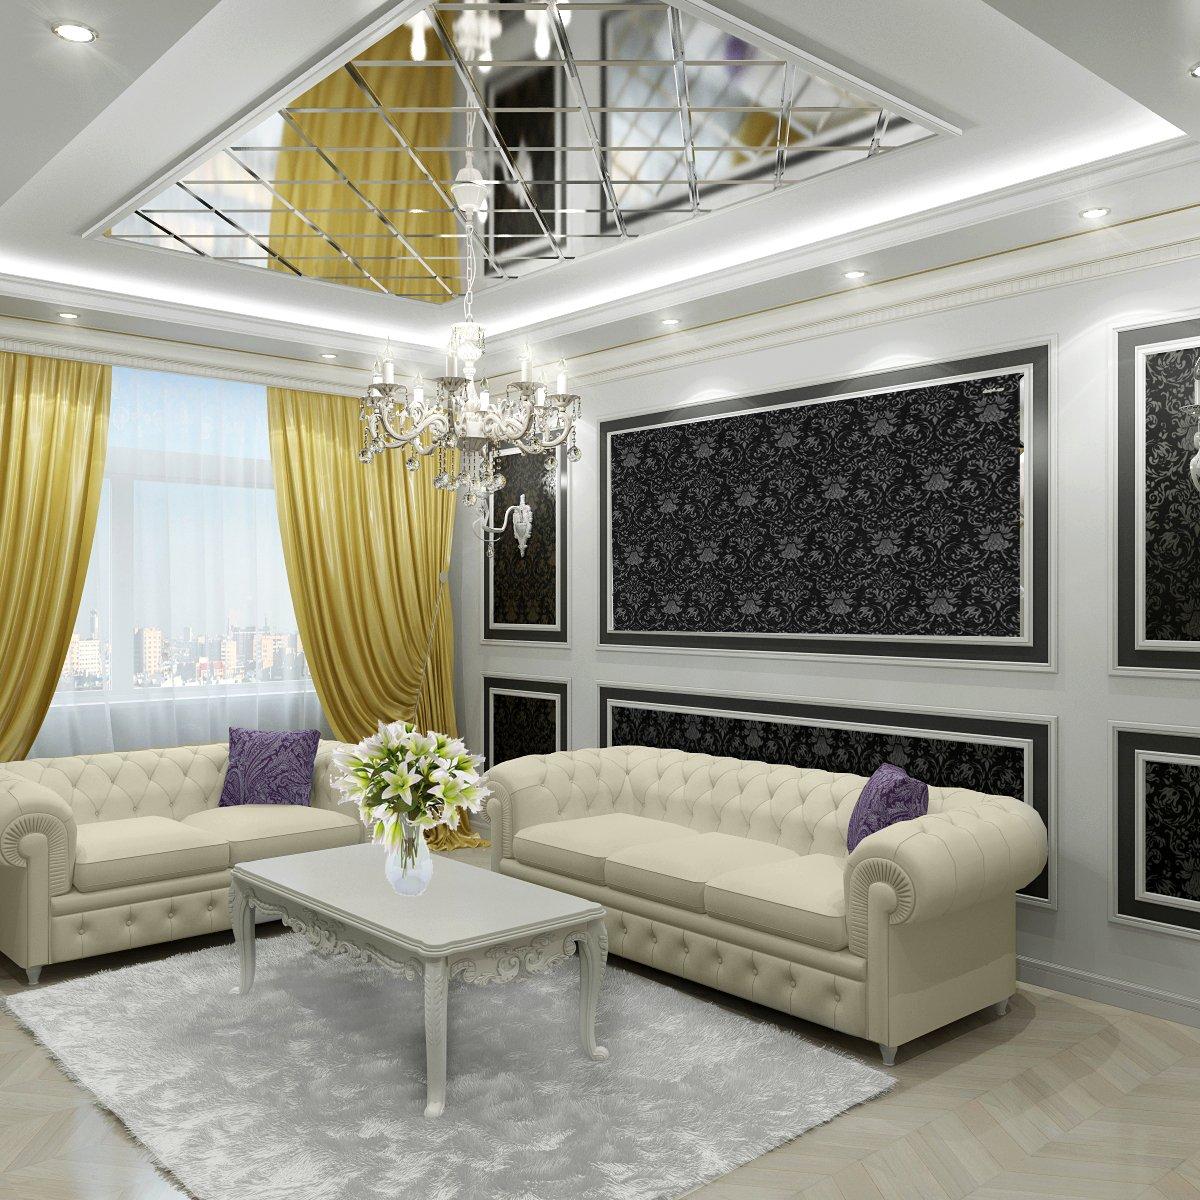 Зеркала в дизайне потолка